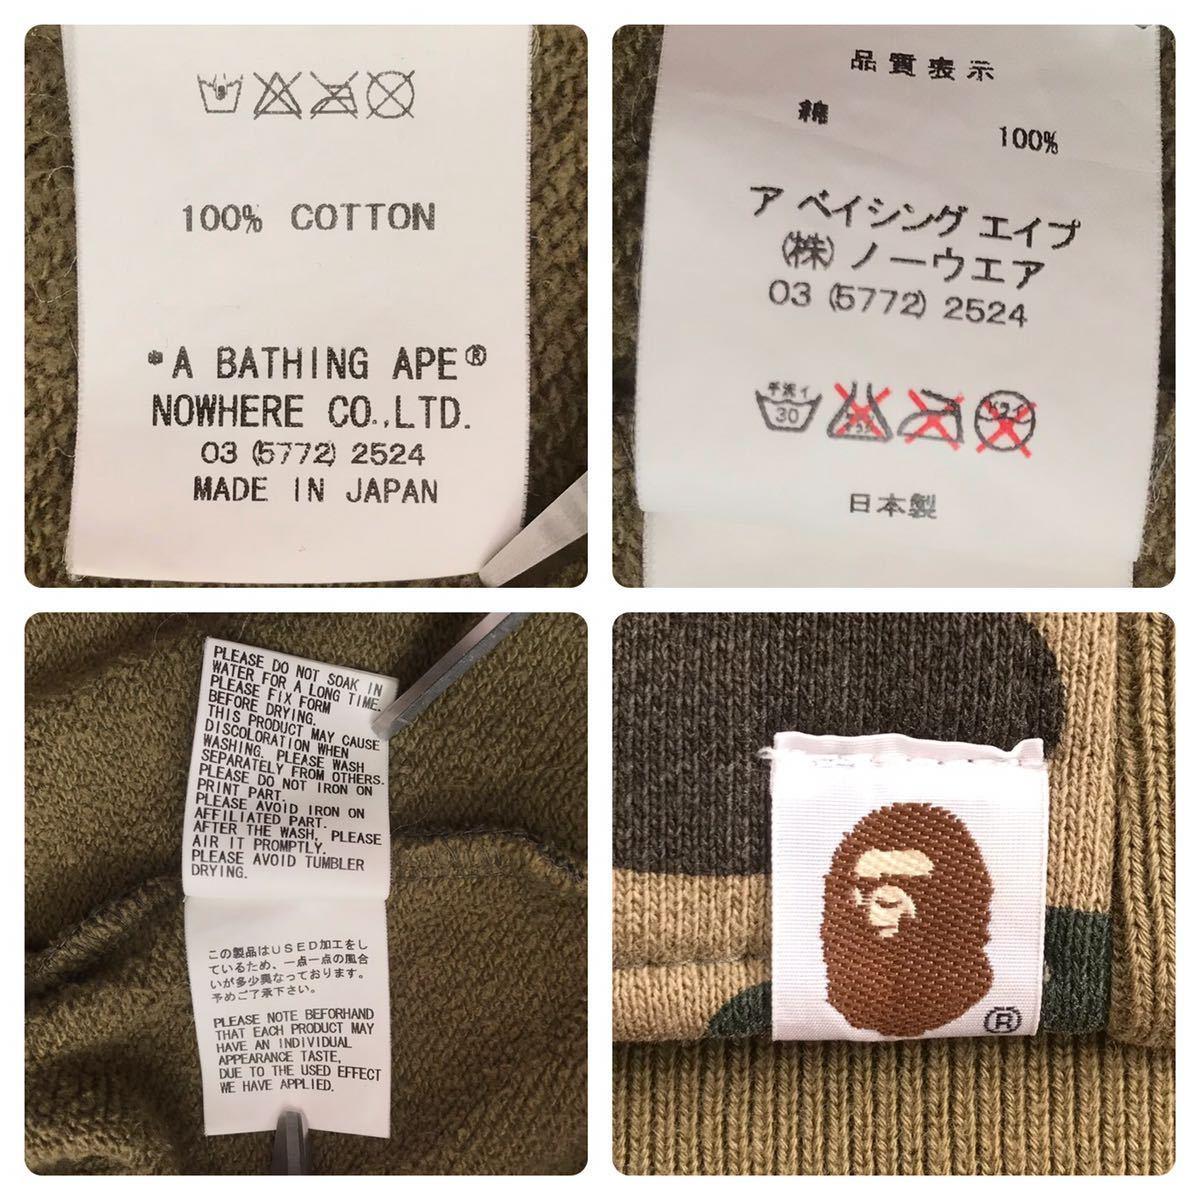 1st camo green スウェット スタジャン Lサイズ a bathing ape BAPE sweat varsity jacket エイプ ベイプ アベイシングエイプ bomber 迷彩